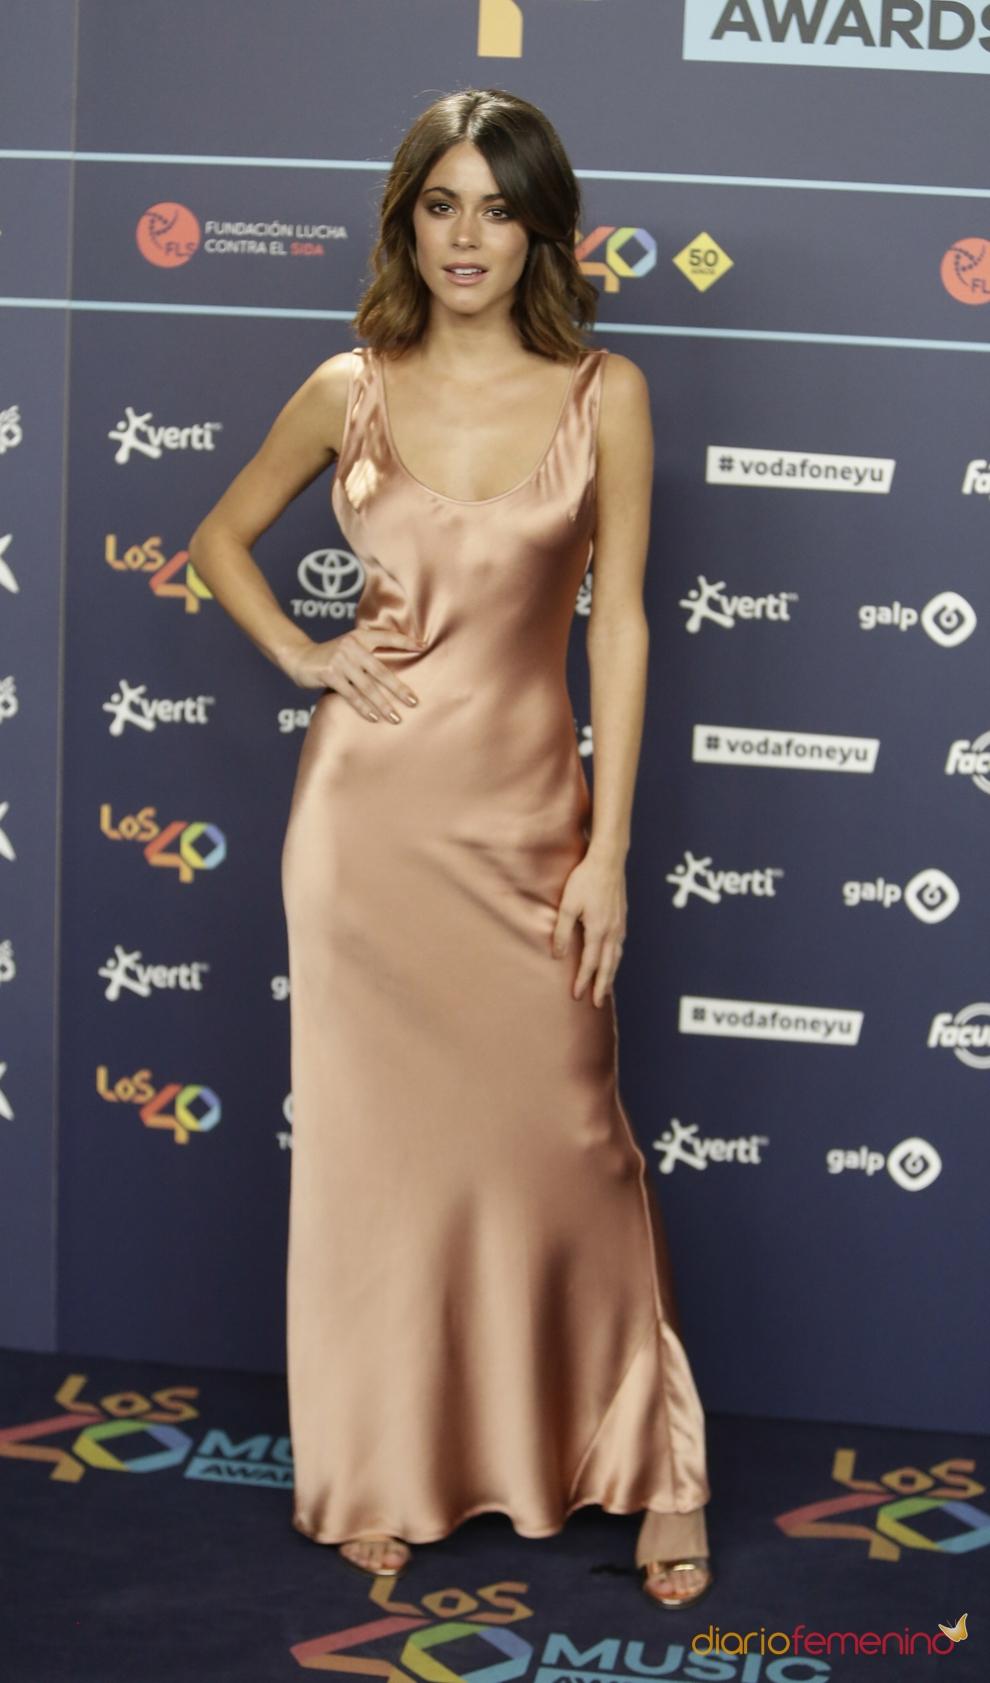 Cena nominados 40 principales: Martina Stoessel